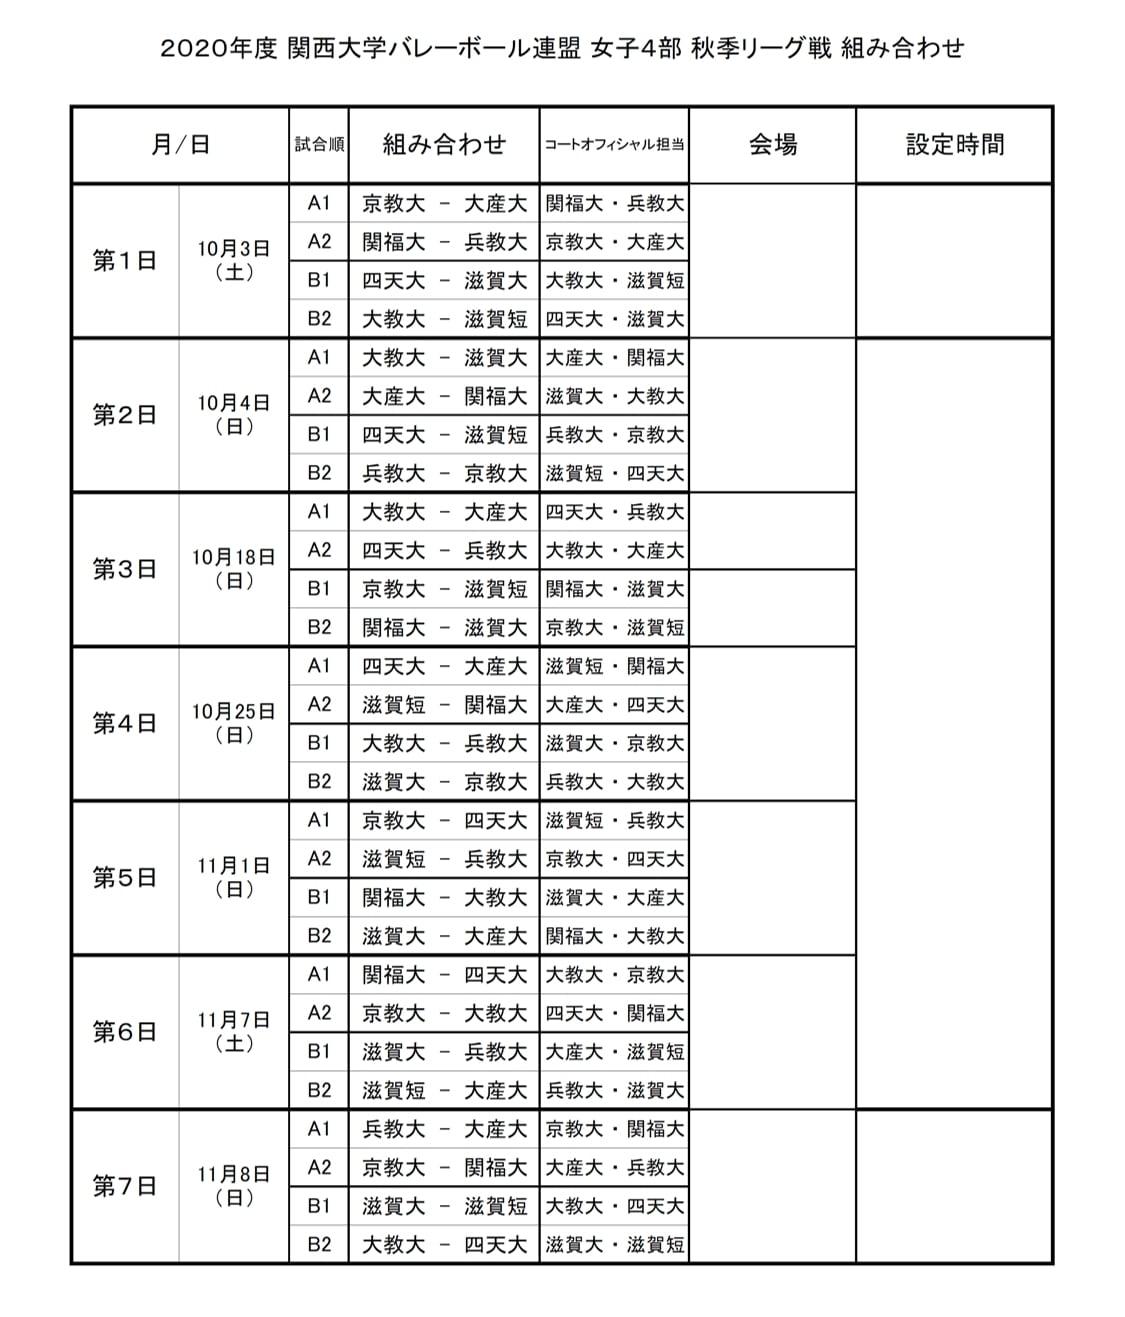 2020年度_関西大学バレーボール_秋季リーグ_女子4部_組合せ